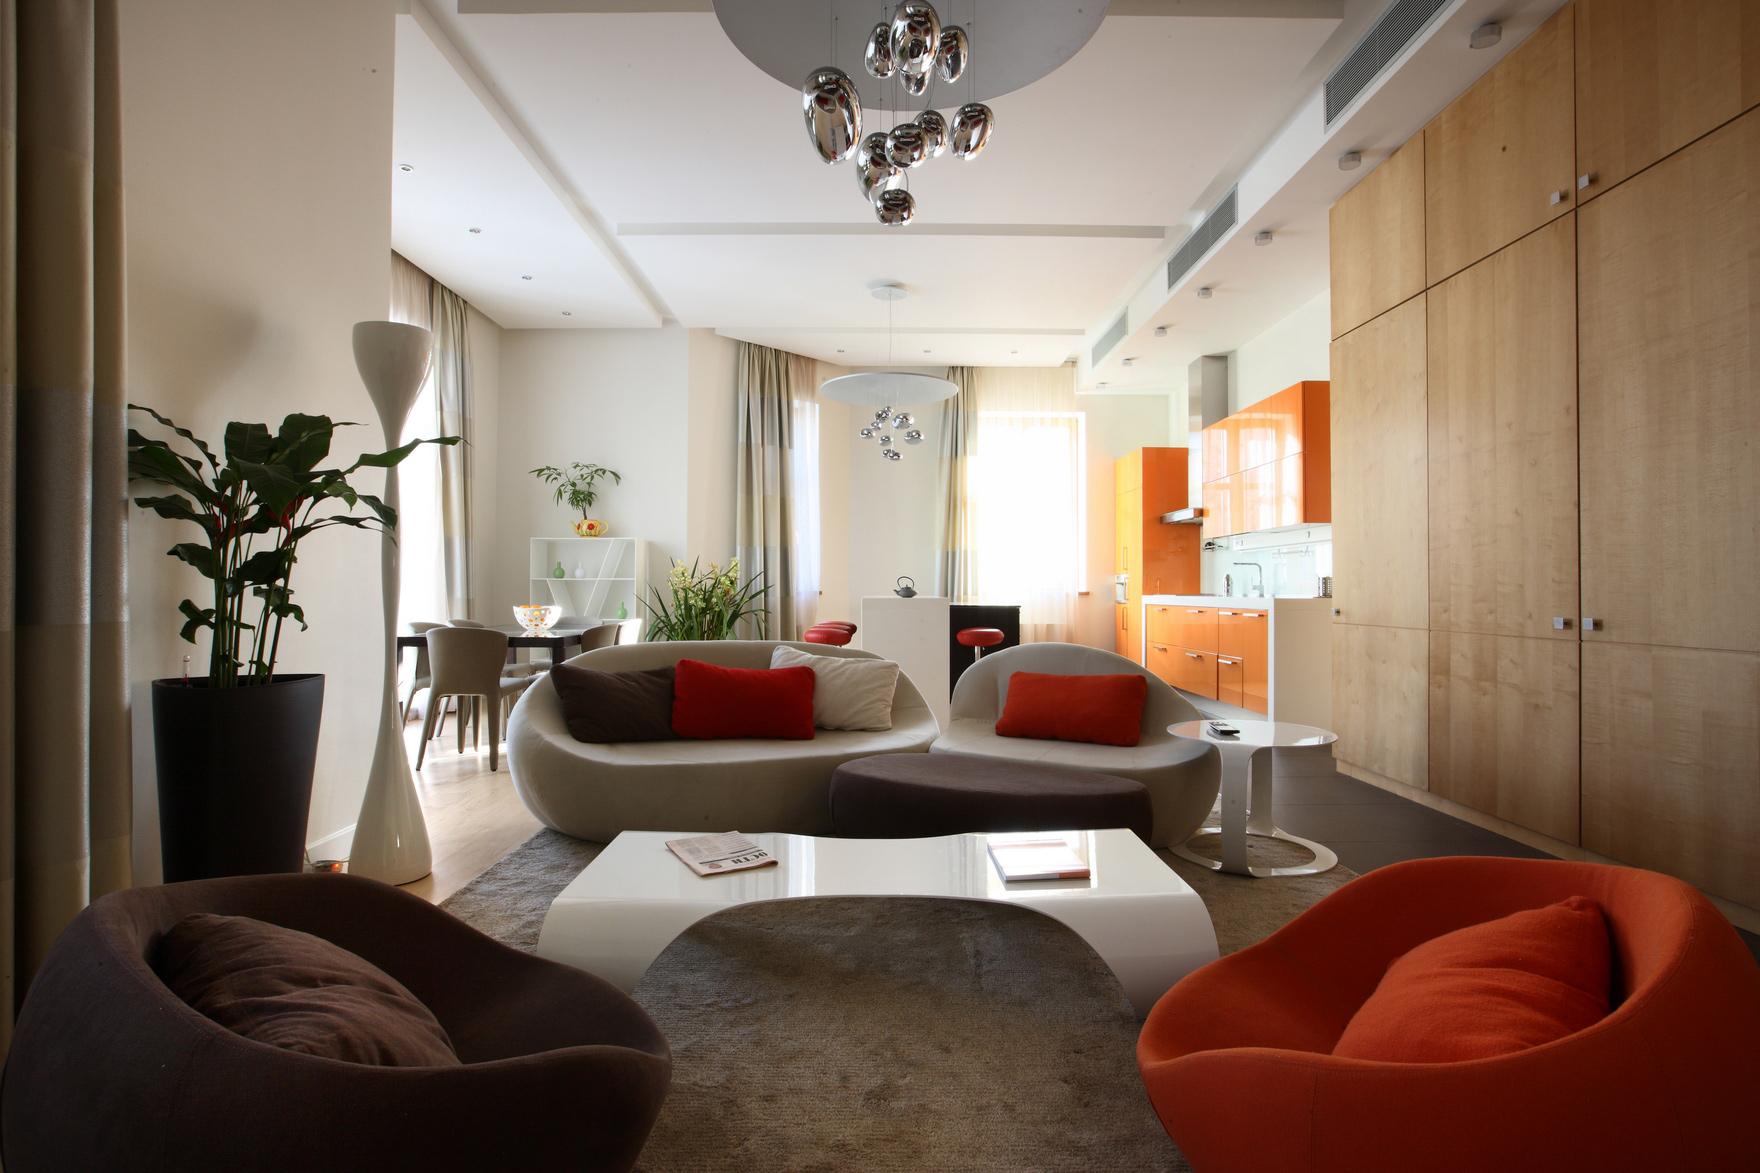 интерьер гостиной - фото № 48456